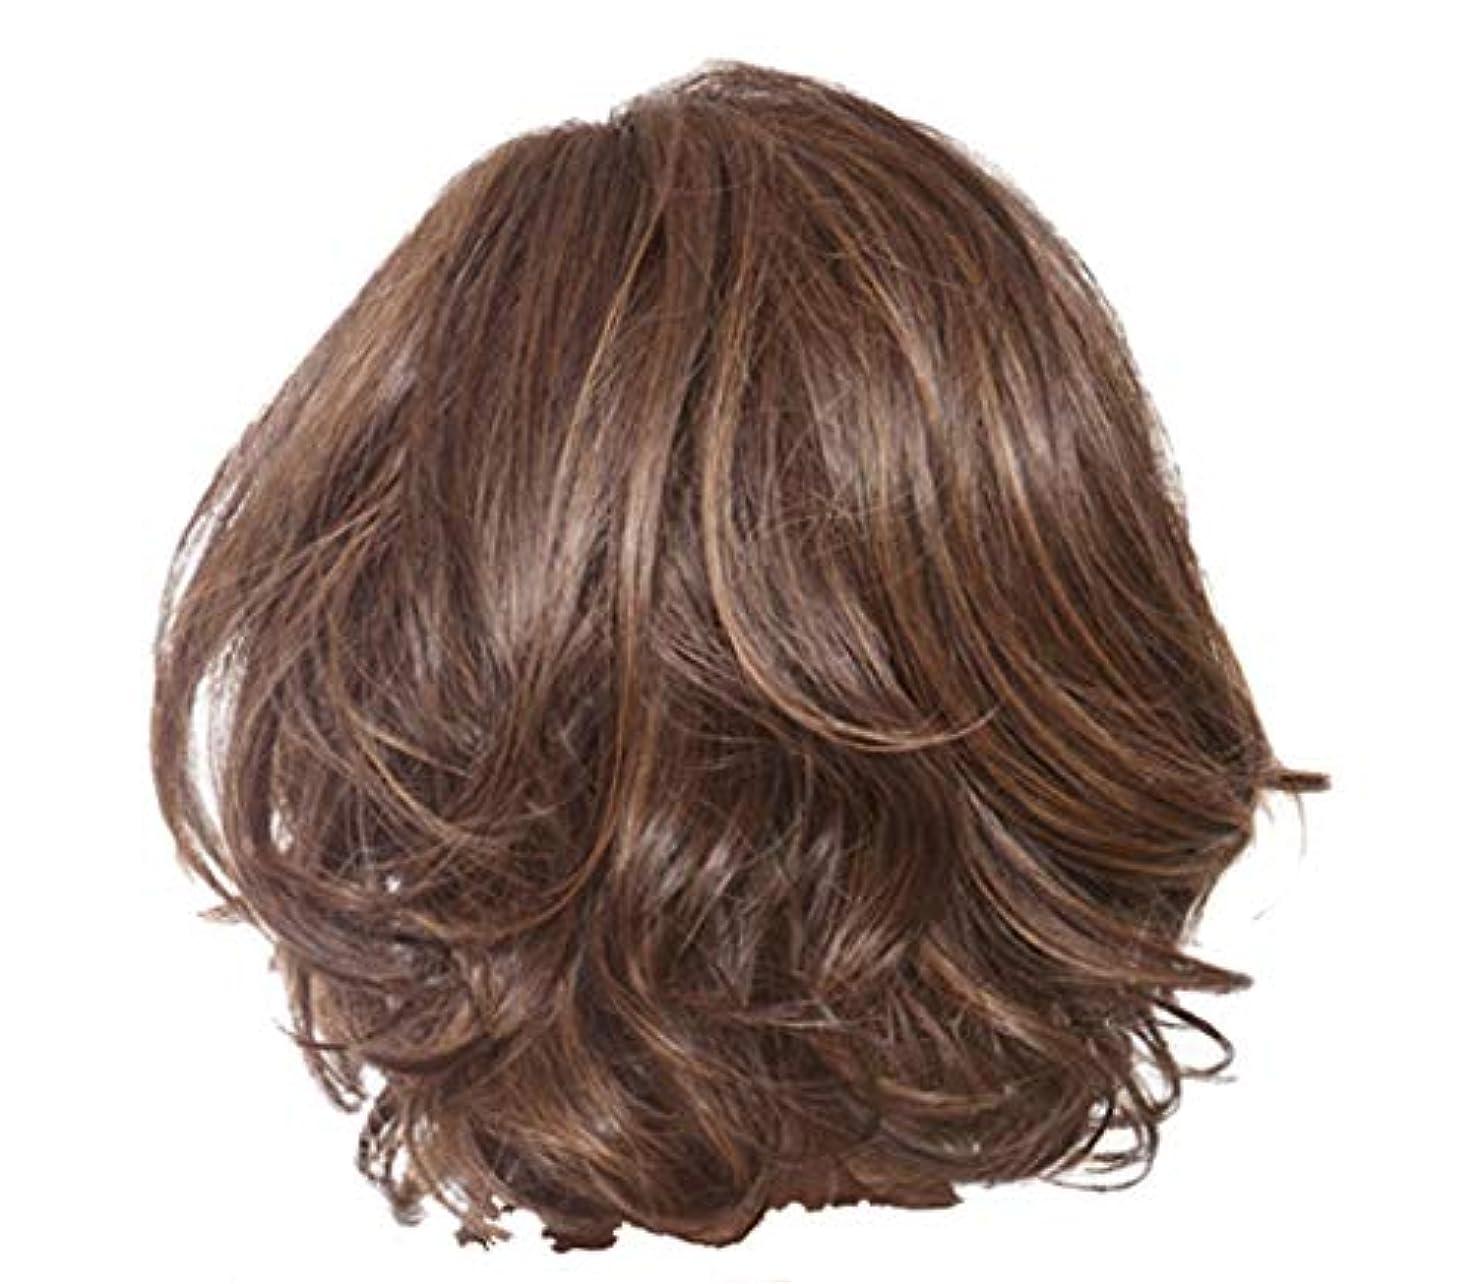 恐怖症ニコチンホールドウィッグ女性のセクシーな短い巻き毛のかつらクールなハンサムなかつら36 cm